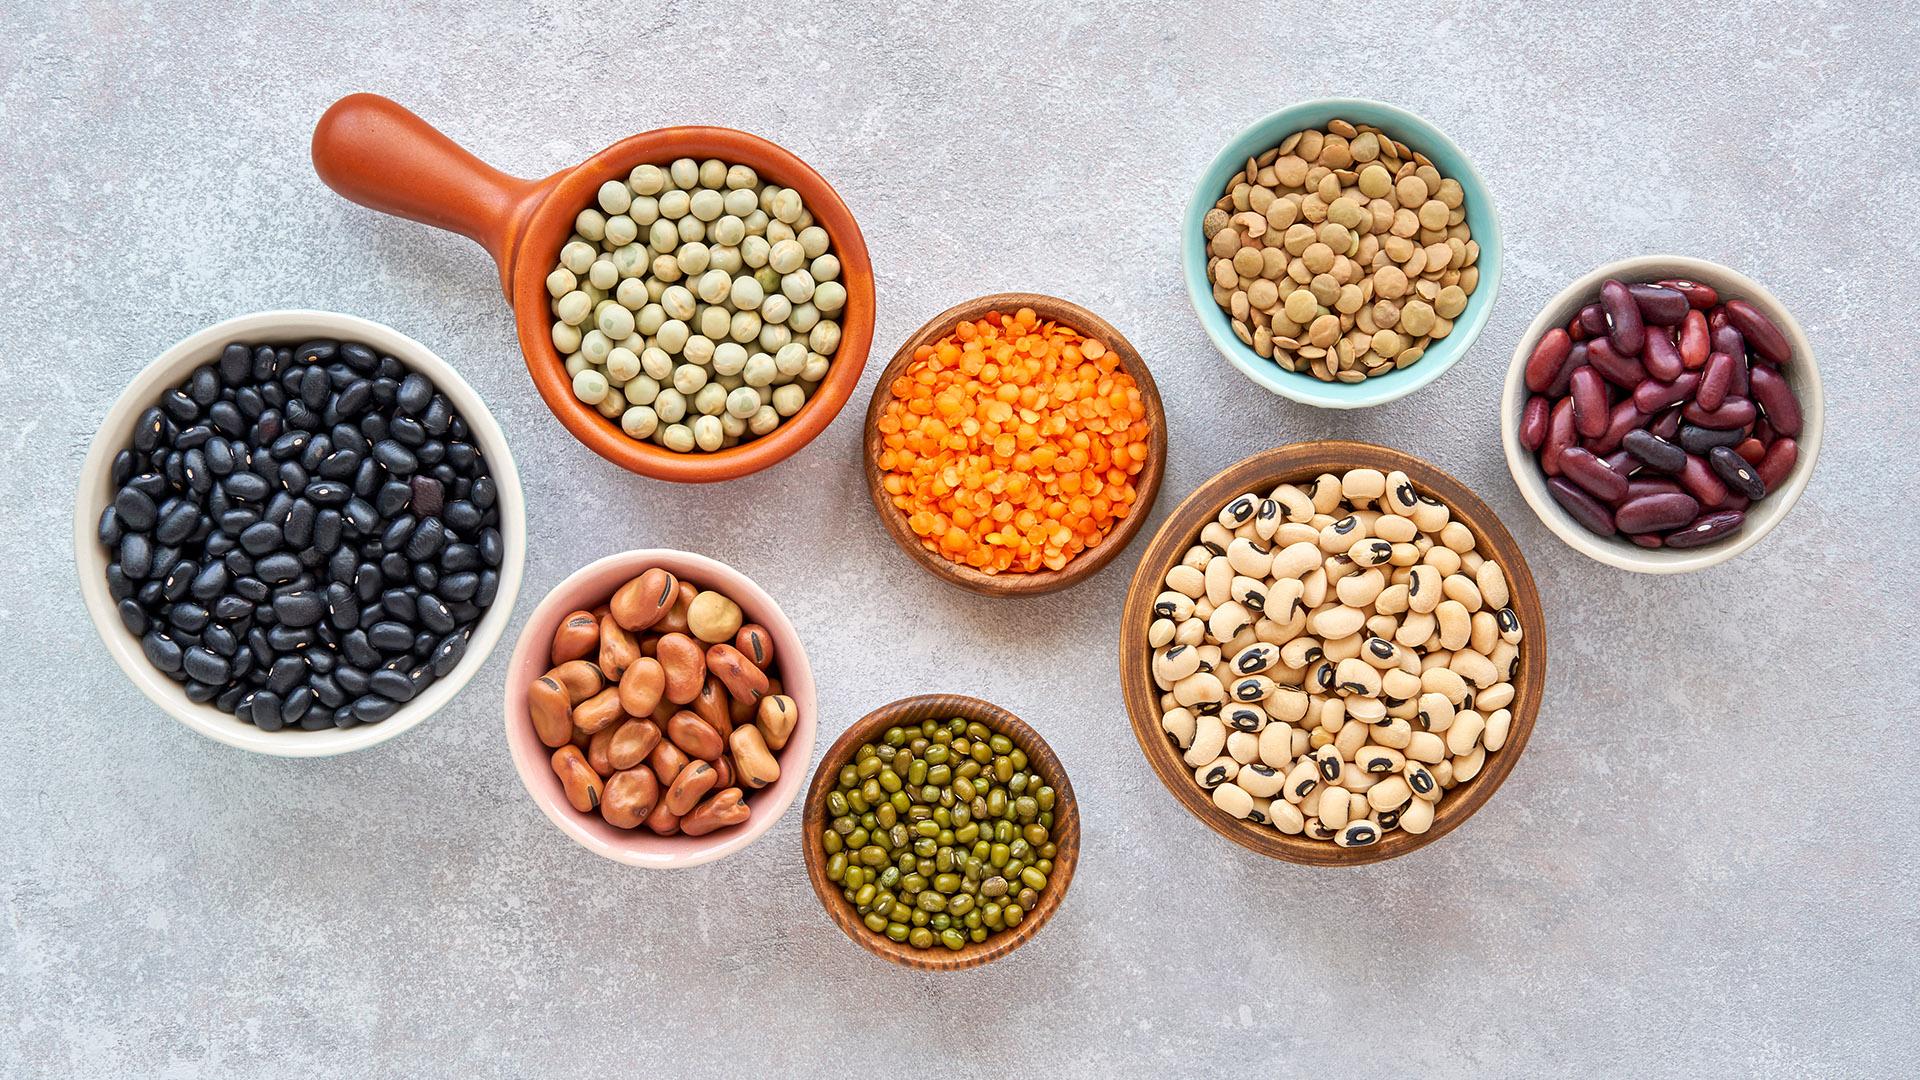 Los seis beneficios de las legumbres para proteger la salud - Infobae